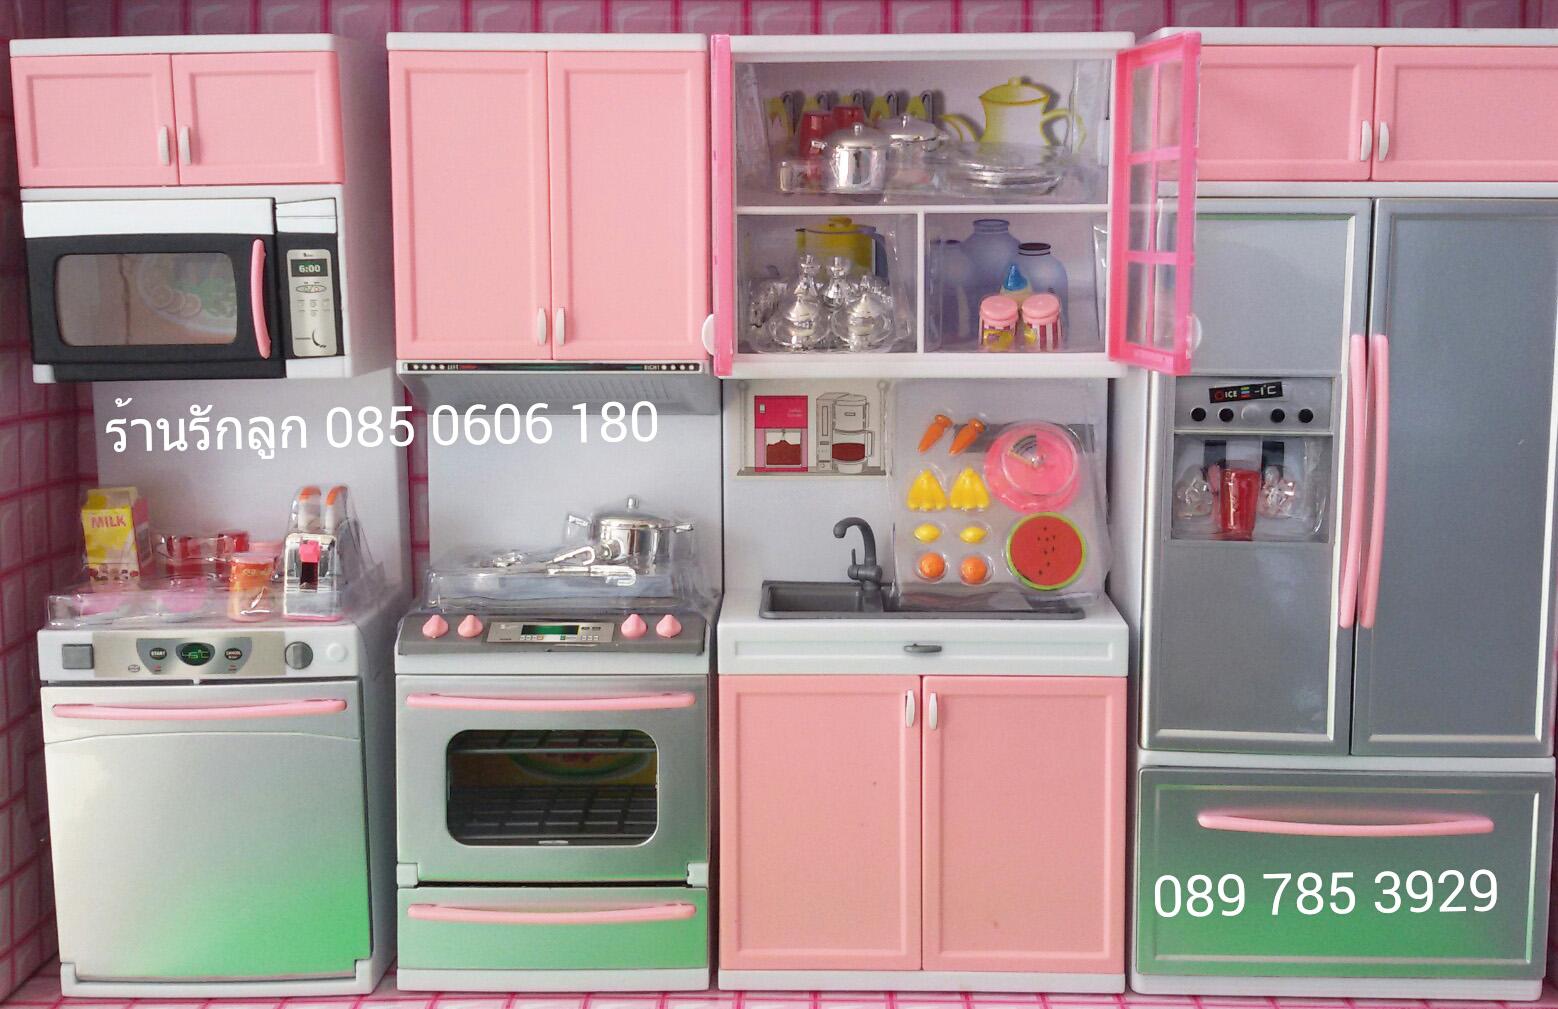 ชุดห้องครัวของเล่นเด็ก มีไมโครเวฟ มีตู้เย็น Modern Kitchen